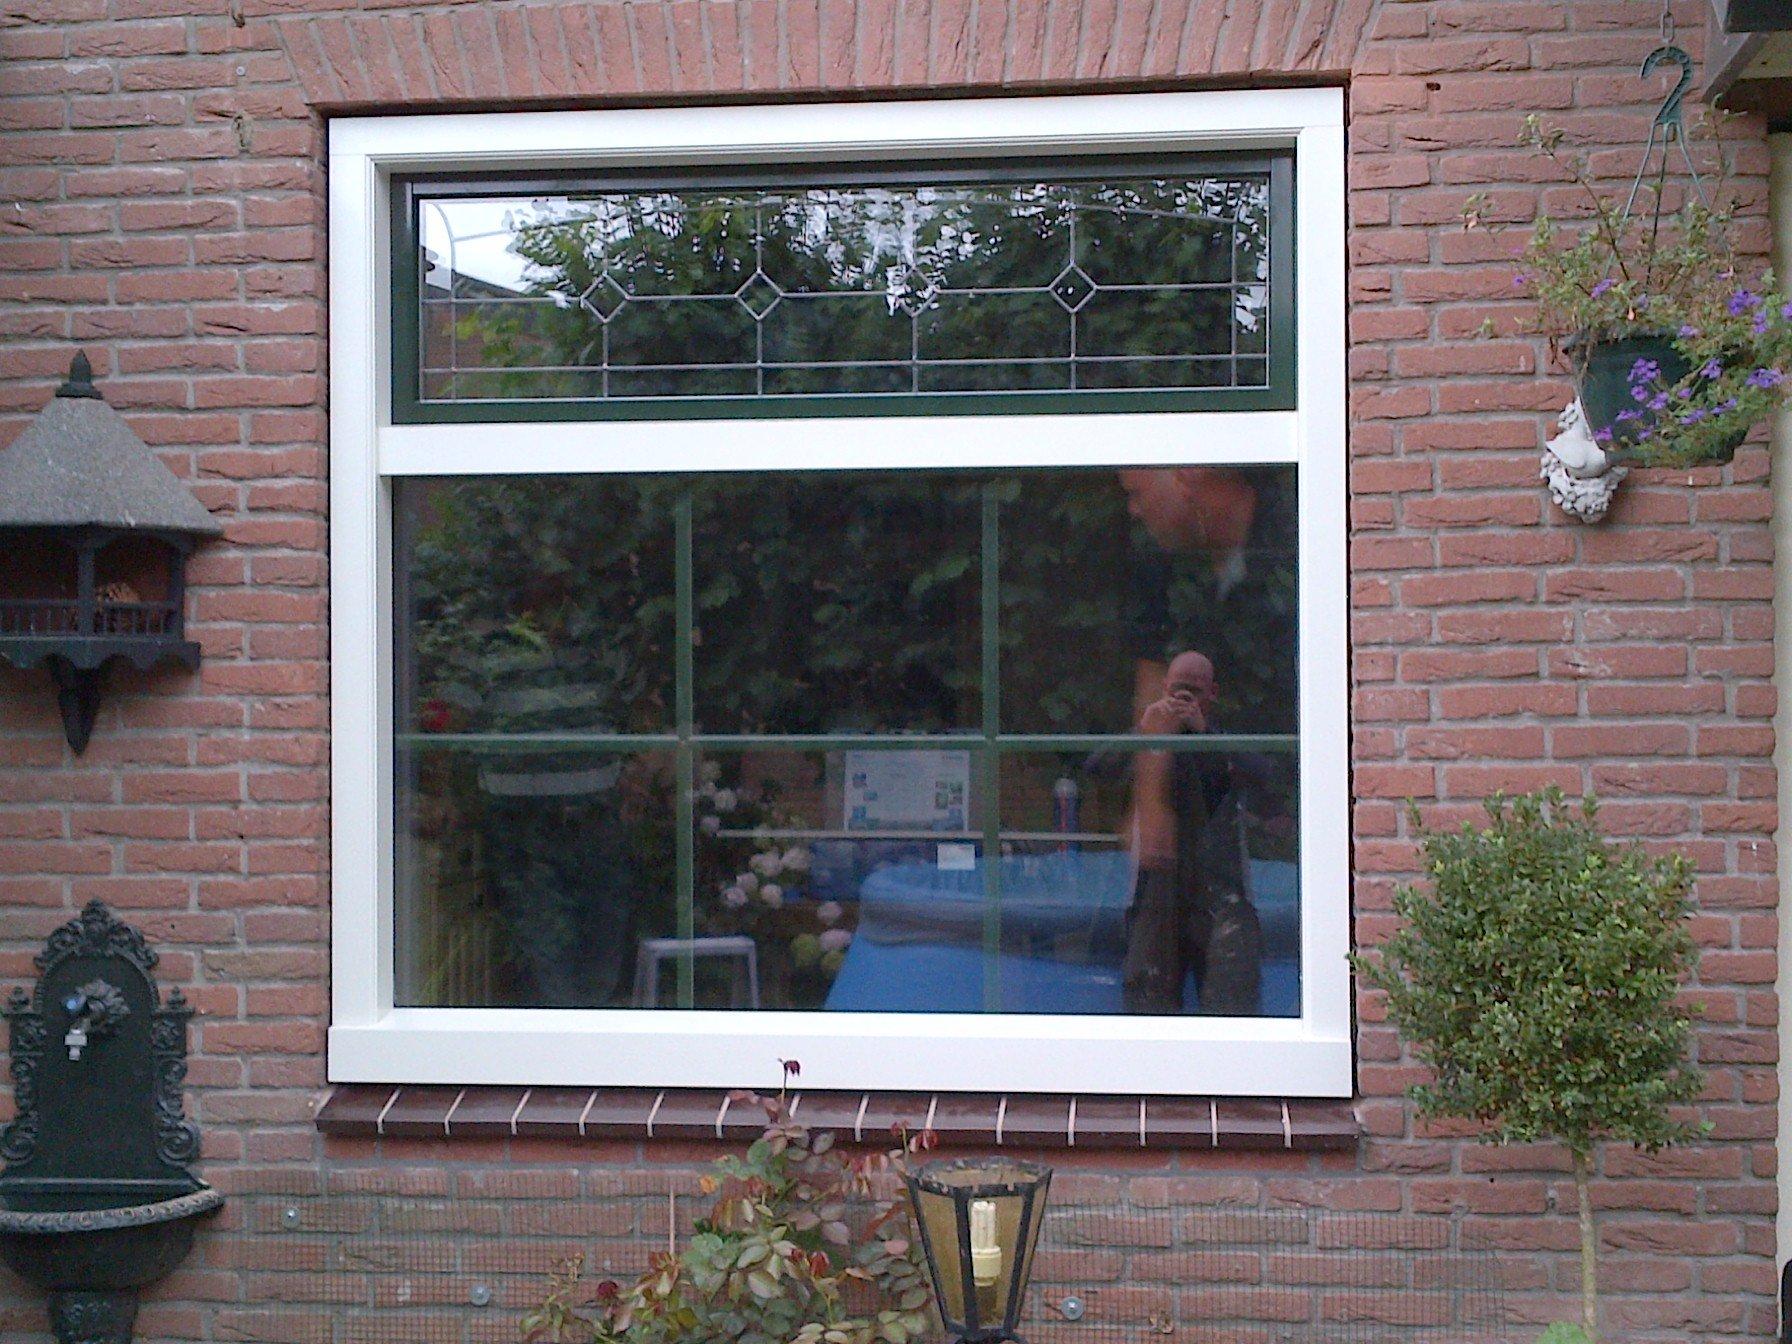 Knipping Classic kozijn gemonteerd met glas in lood te Maarssen.